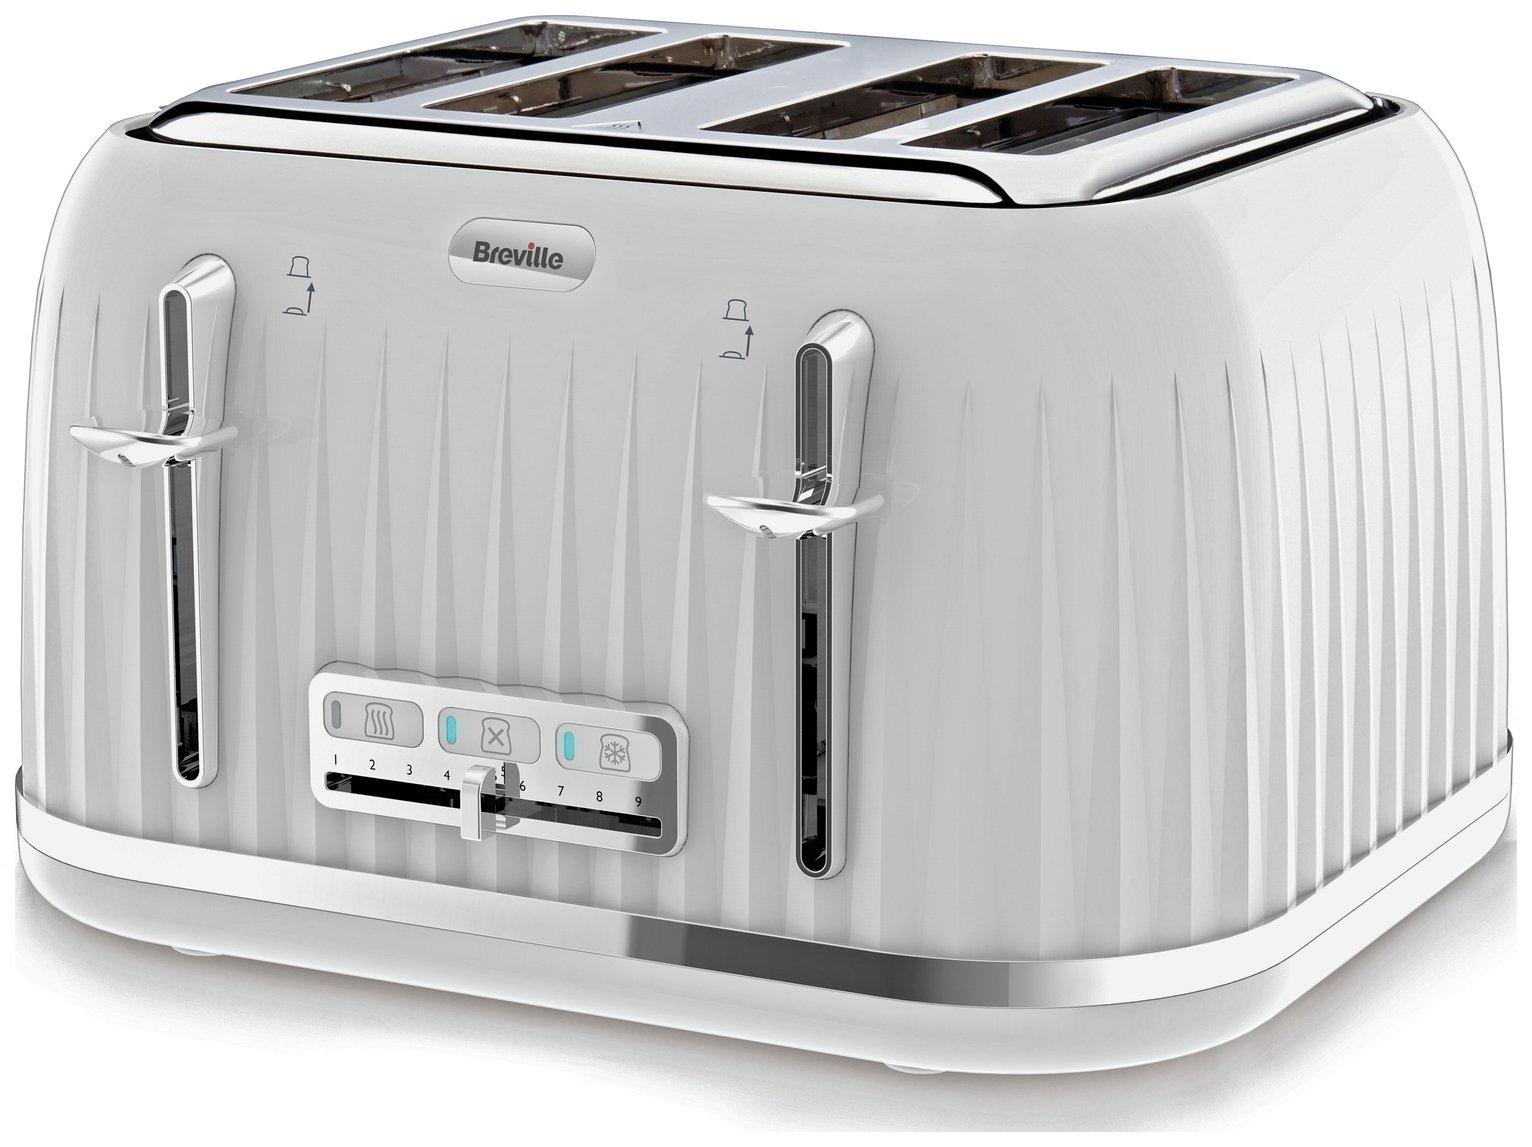 Breville VTT470 Impressions 4 Slice Toaster - White